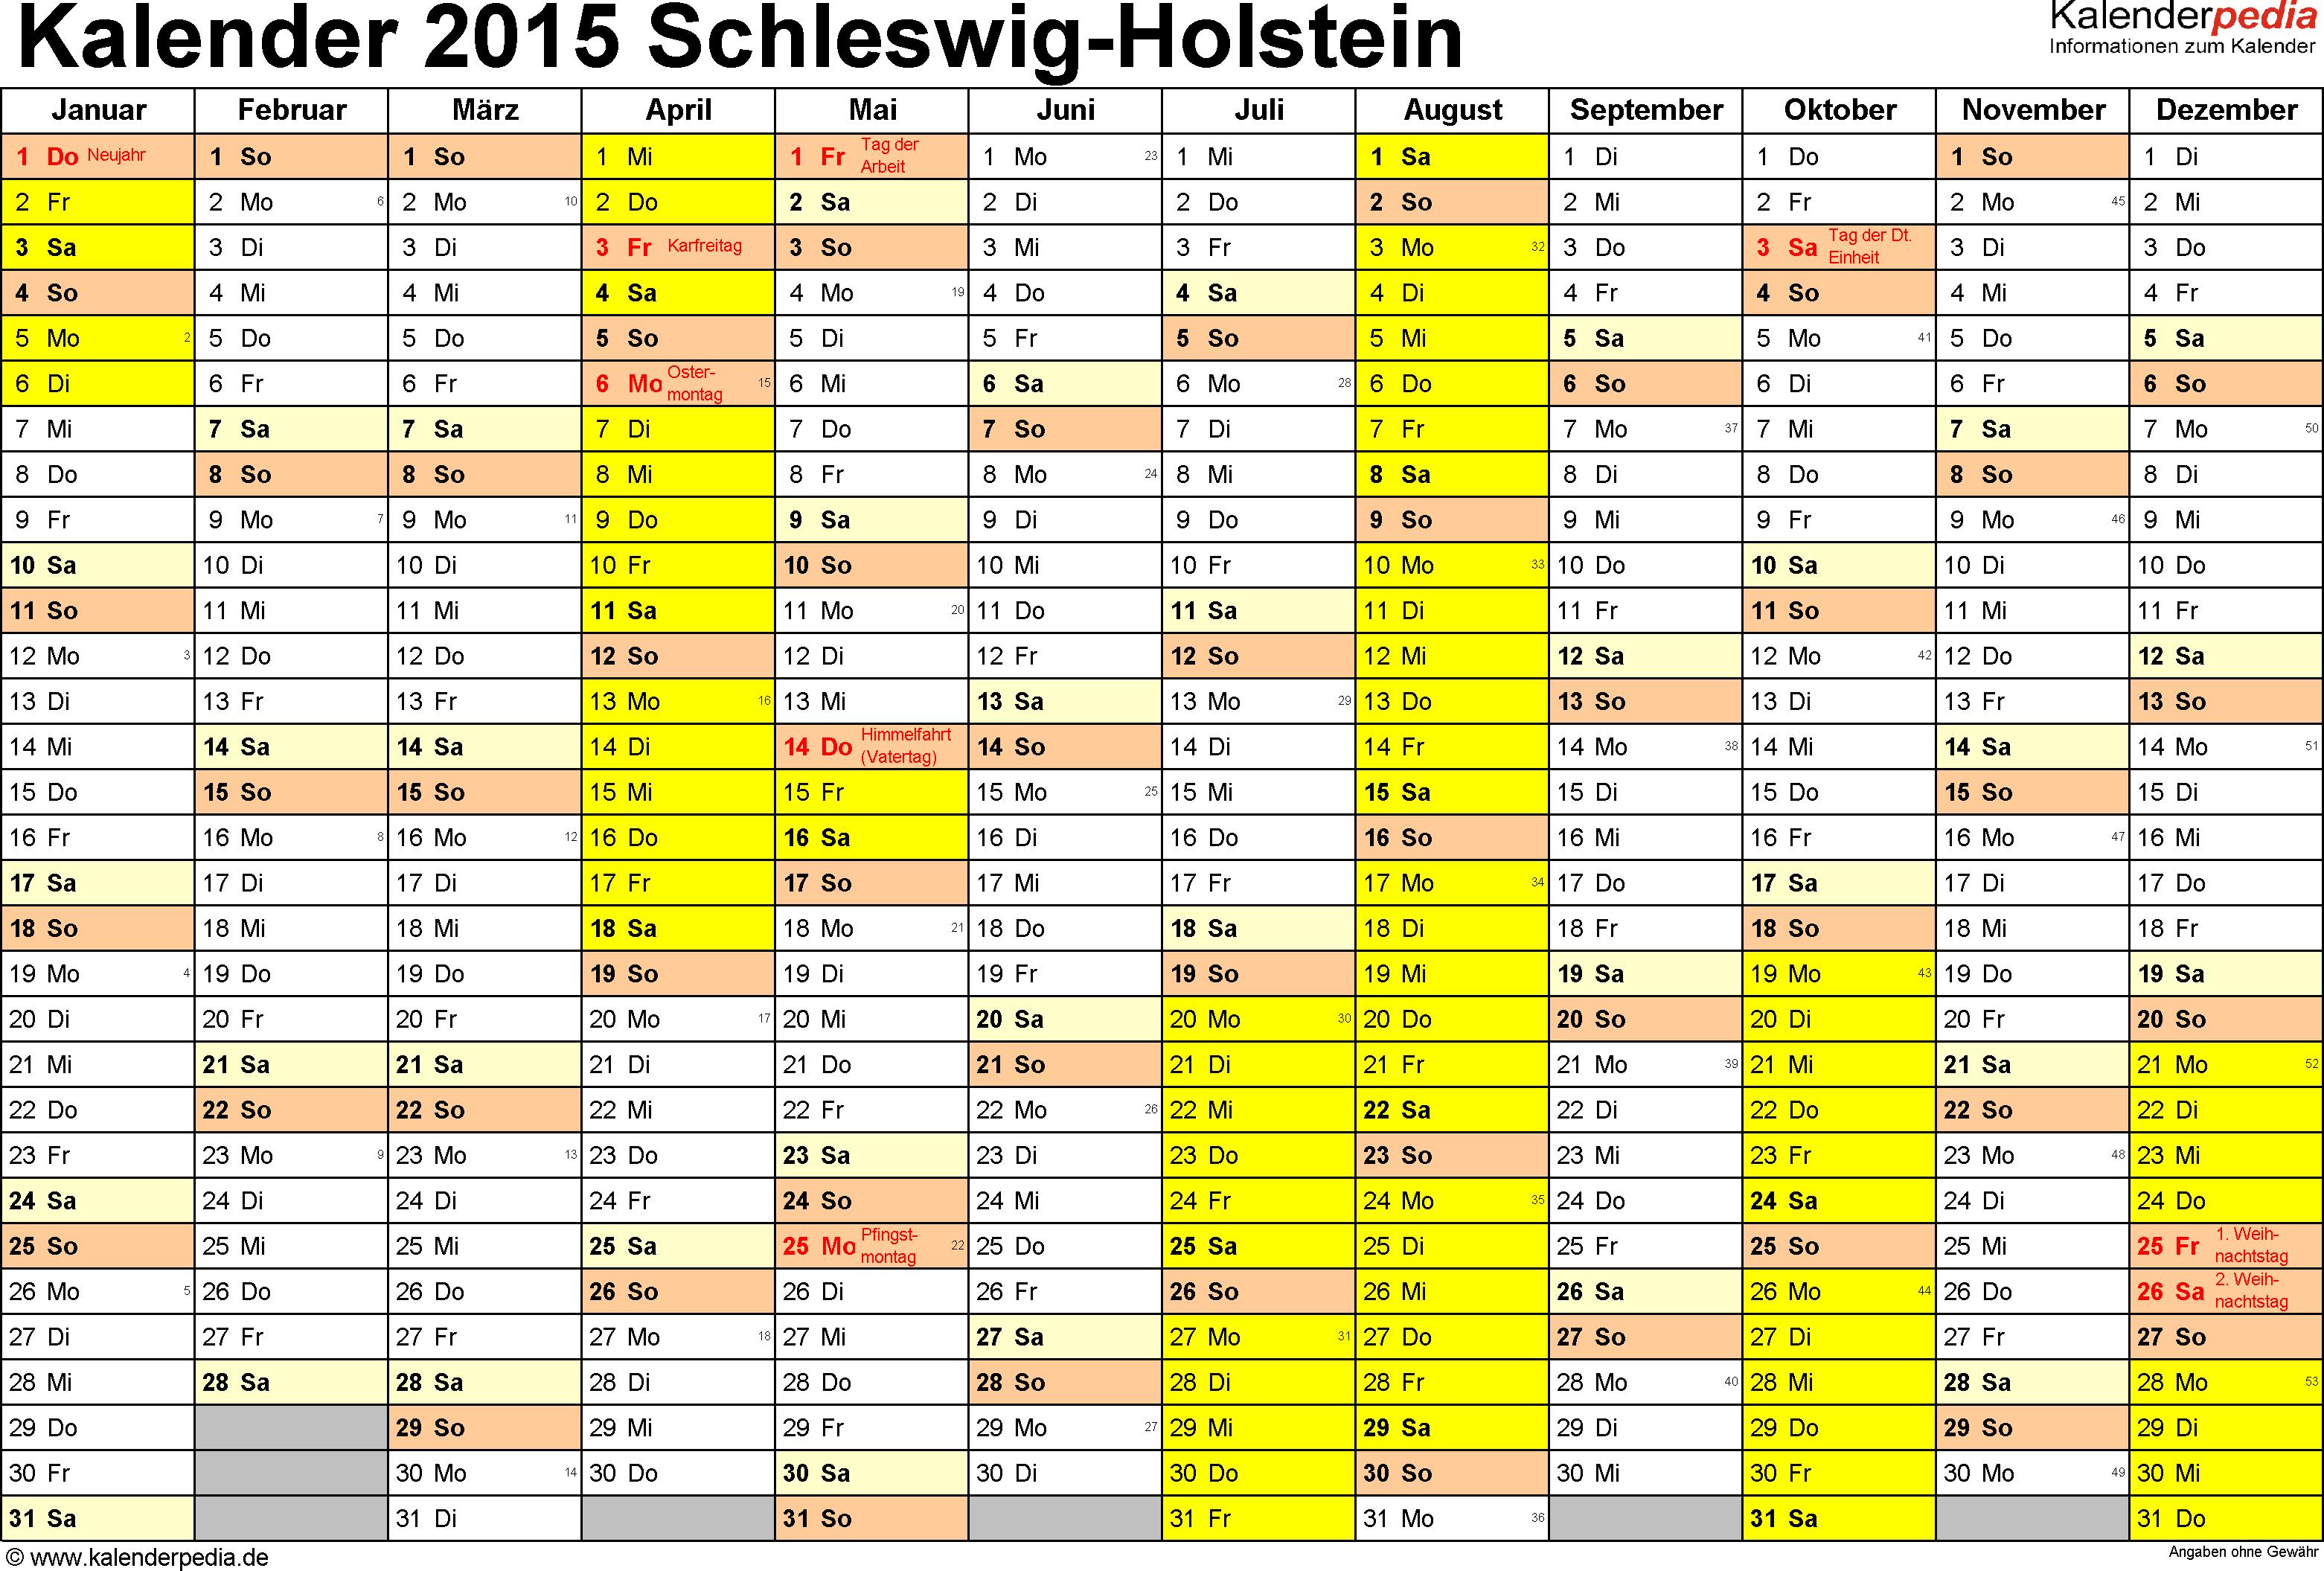 Vorlage 1: Kalender 2015 für Schleswig-Holstein als PDF-Vorlagen (Querformat, 1 Seite)